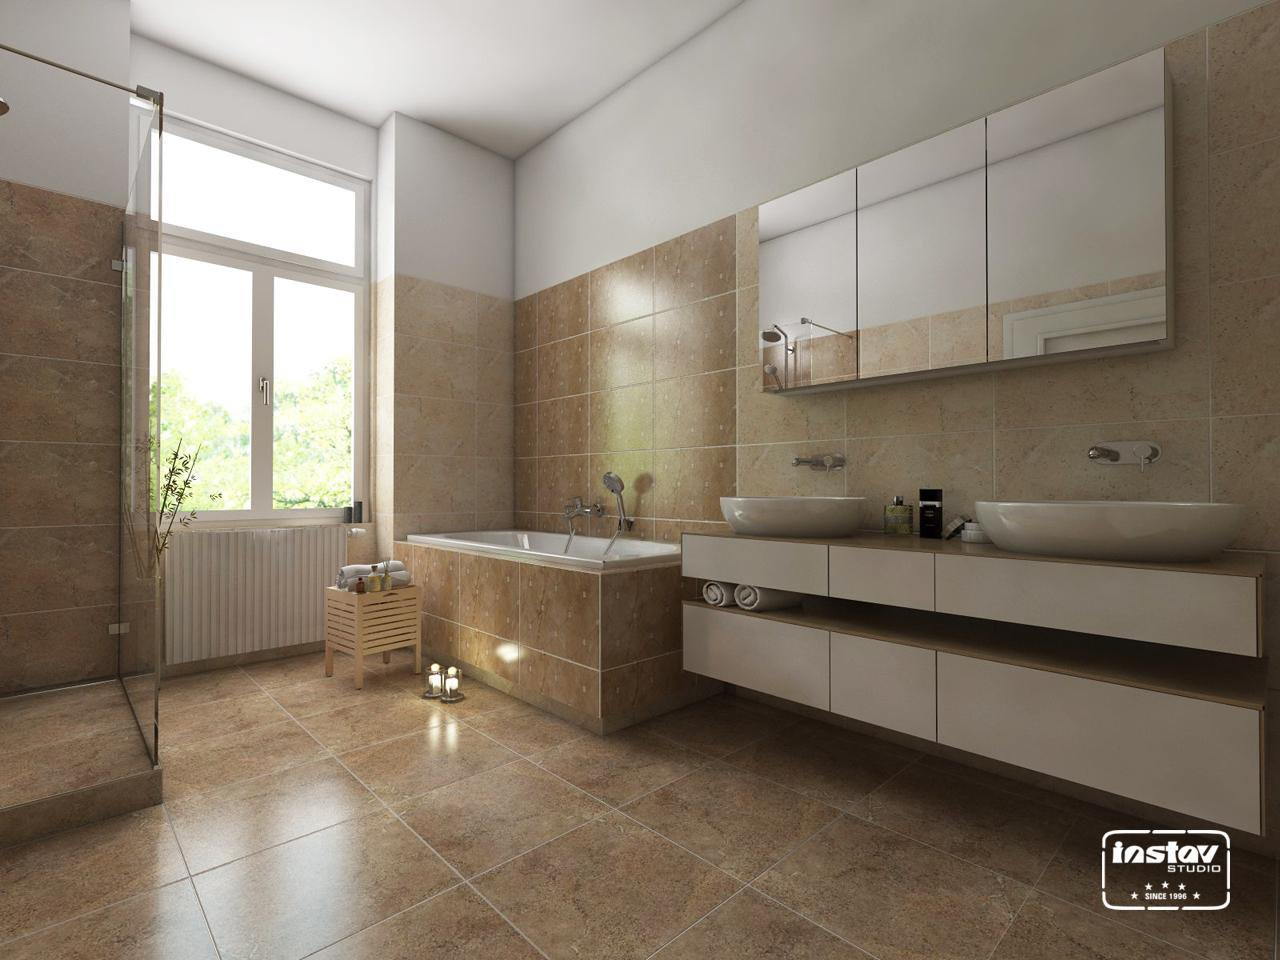 Vizualizácie kúpeľní - Vizualizácia kúpeľne - Vitra